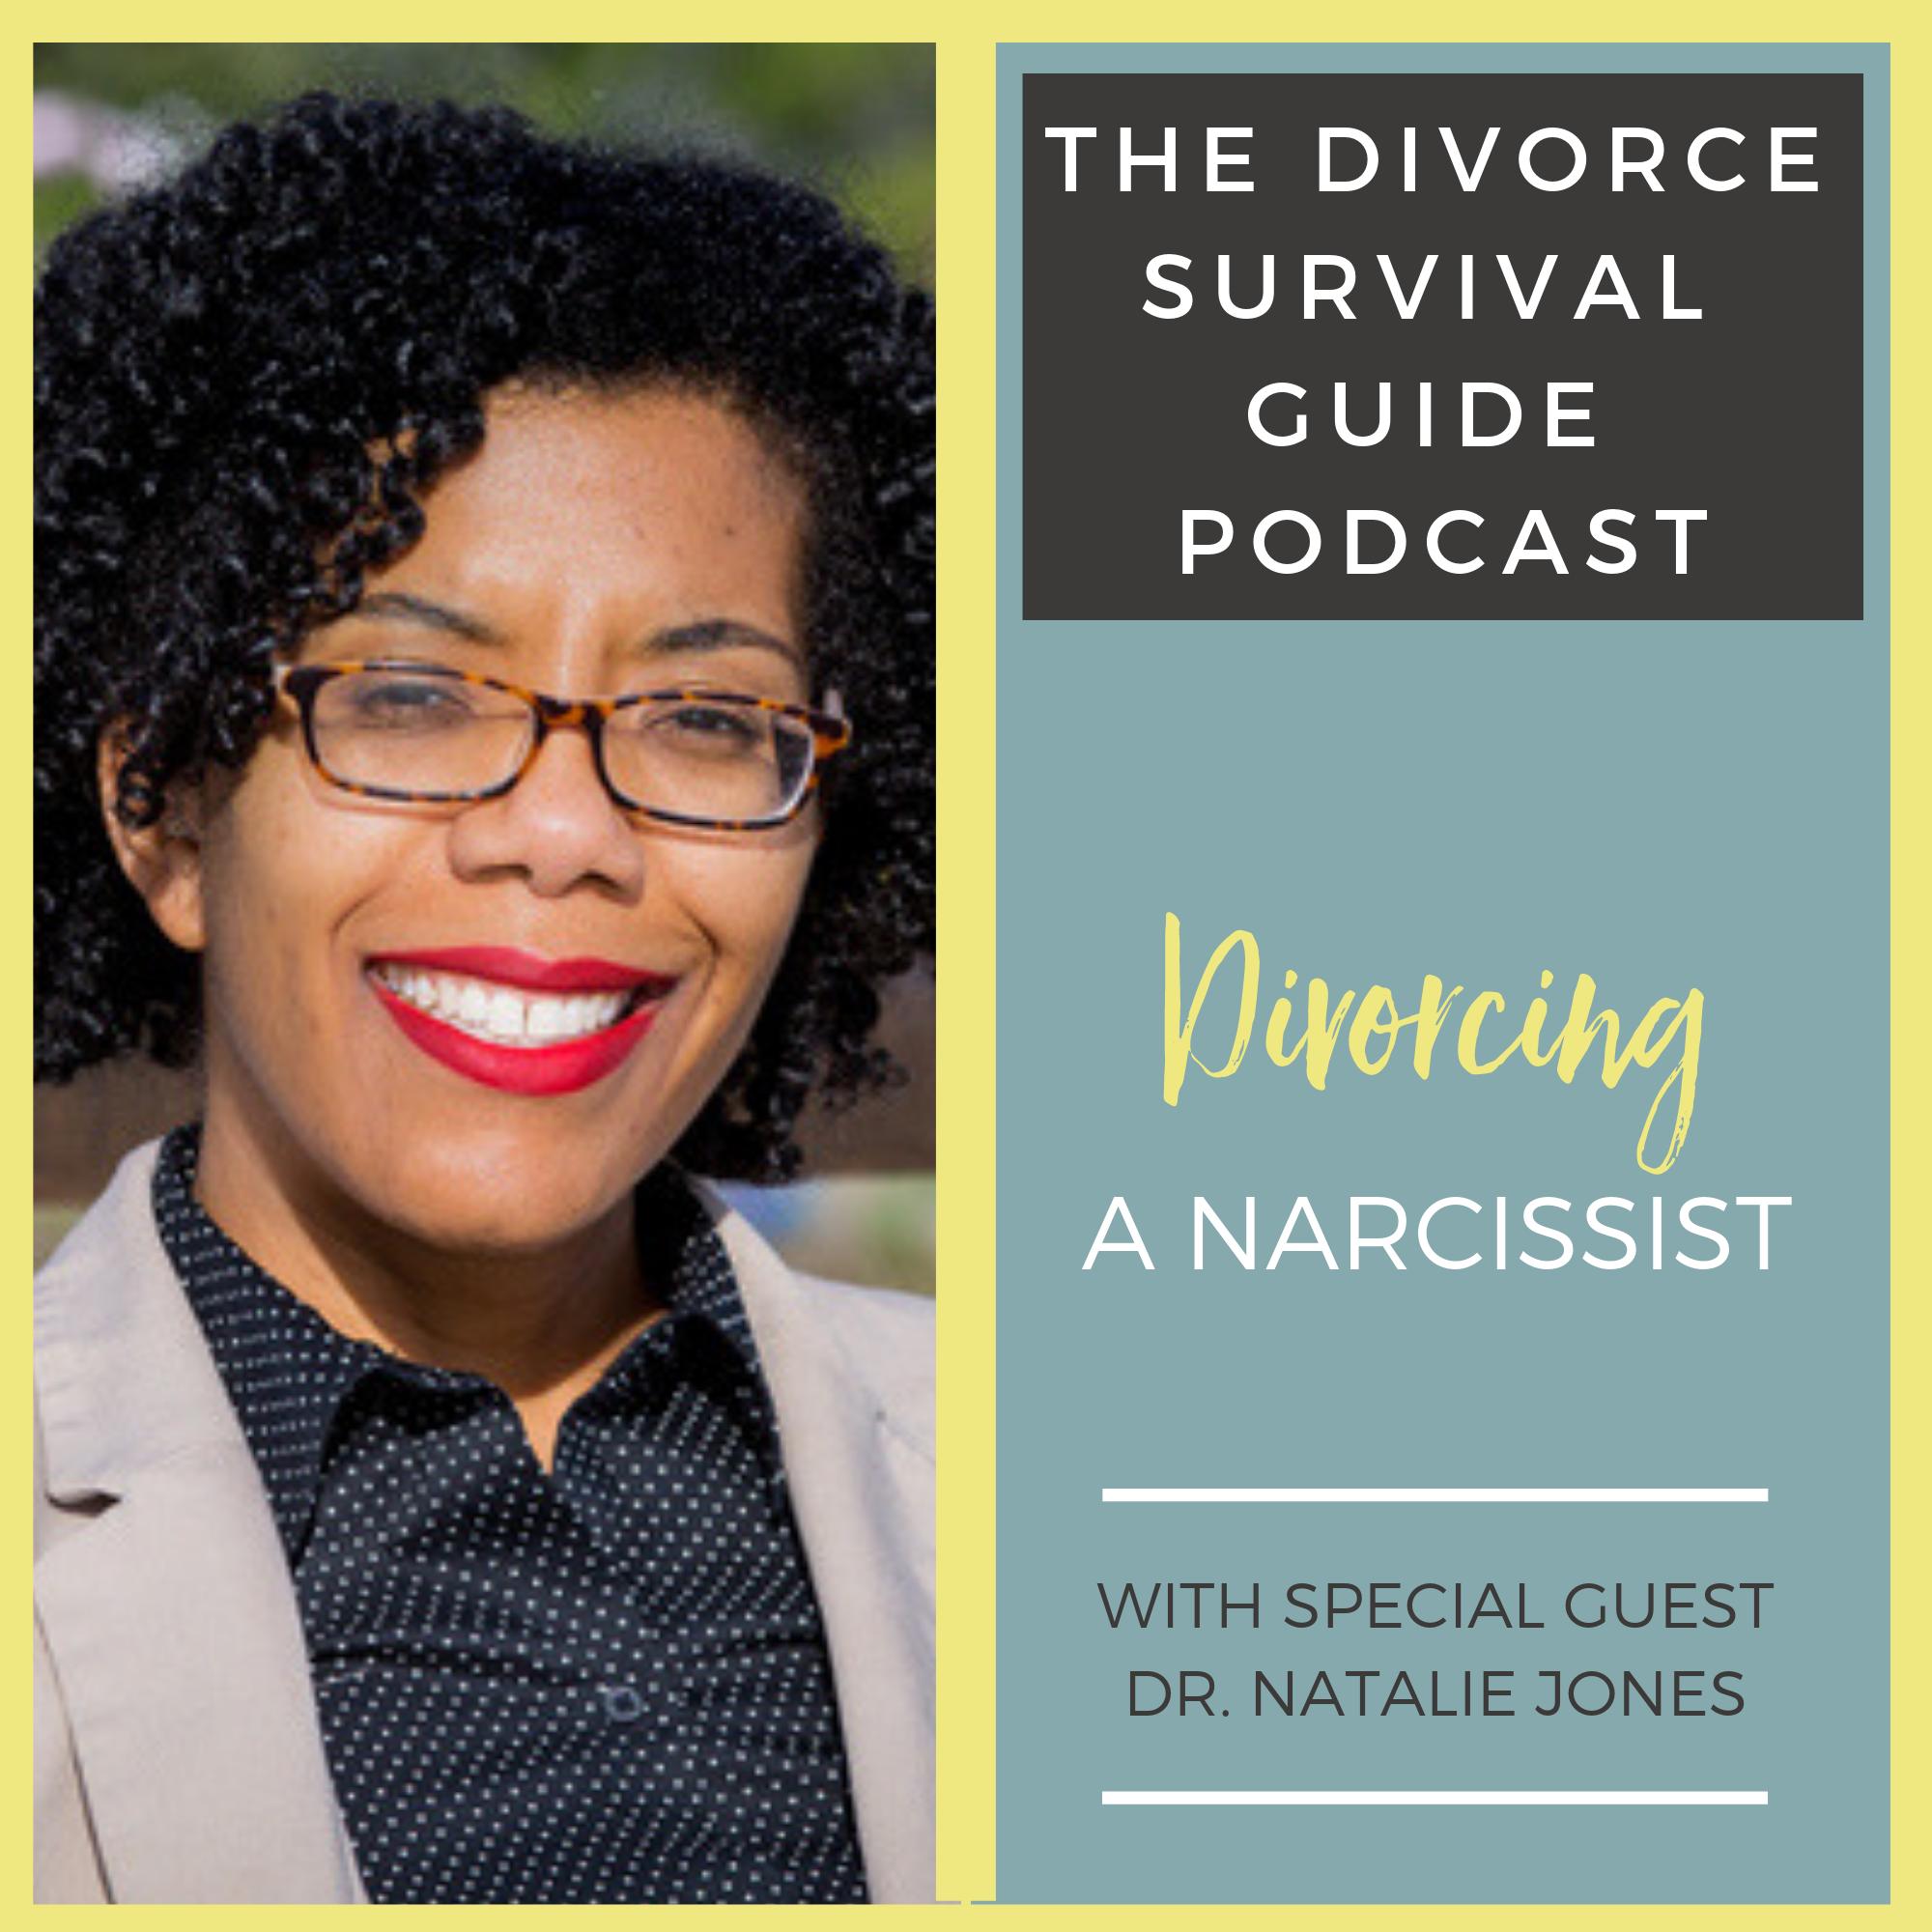 The Divorce Survival Guide Podcast - Divorcing a Narcissist with Dr. Natalie Jones